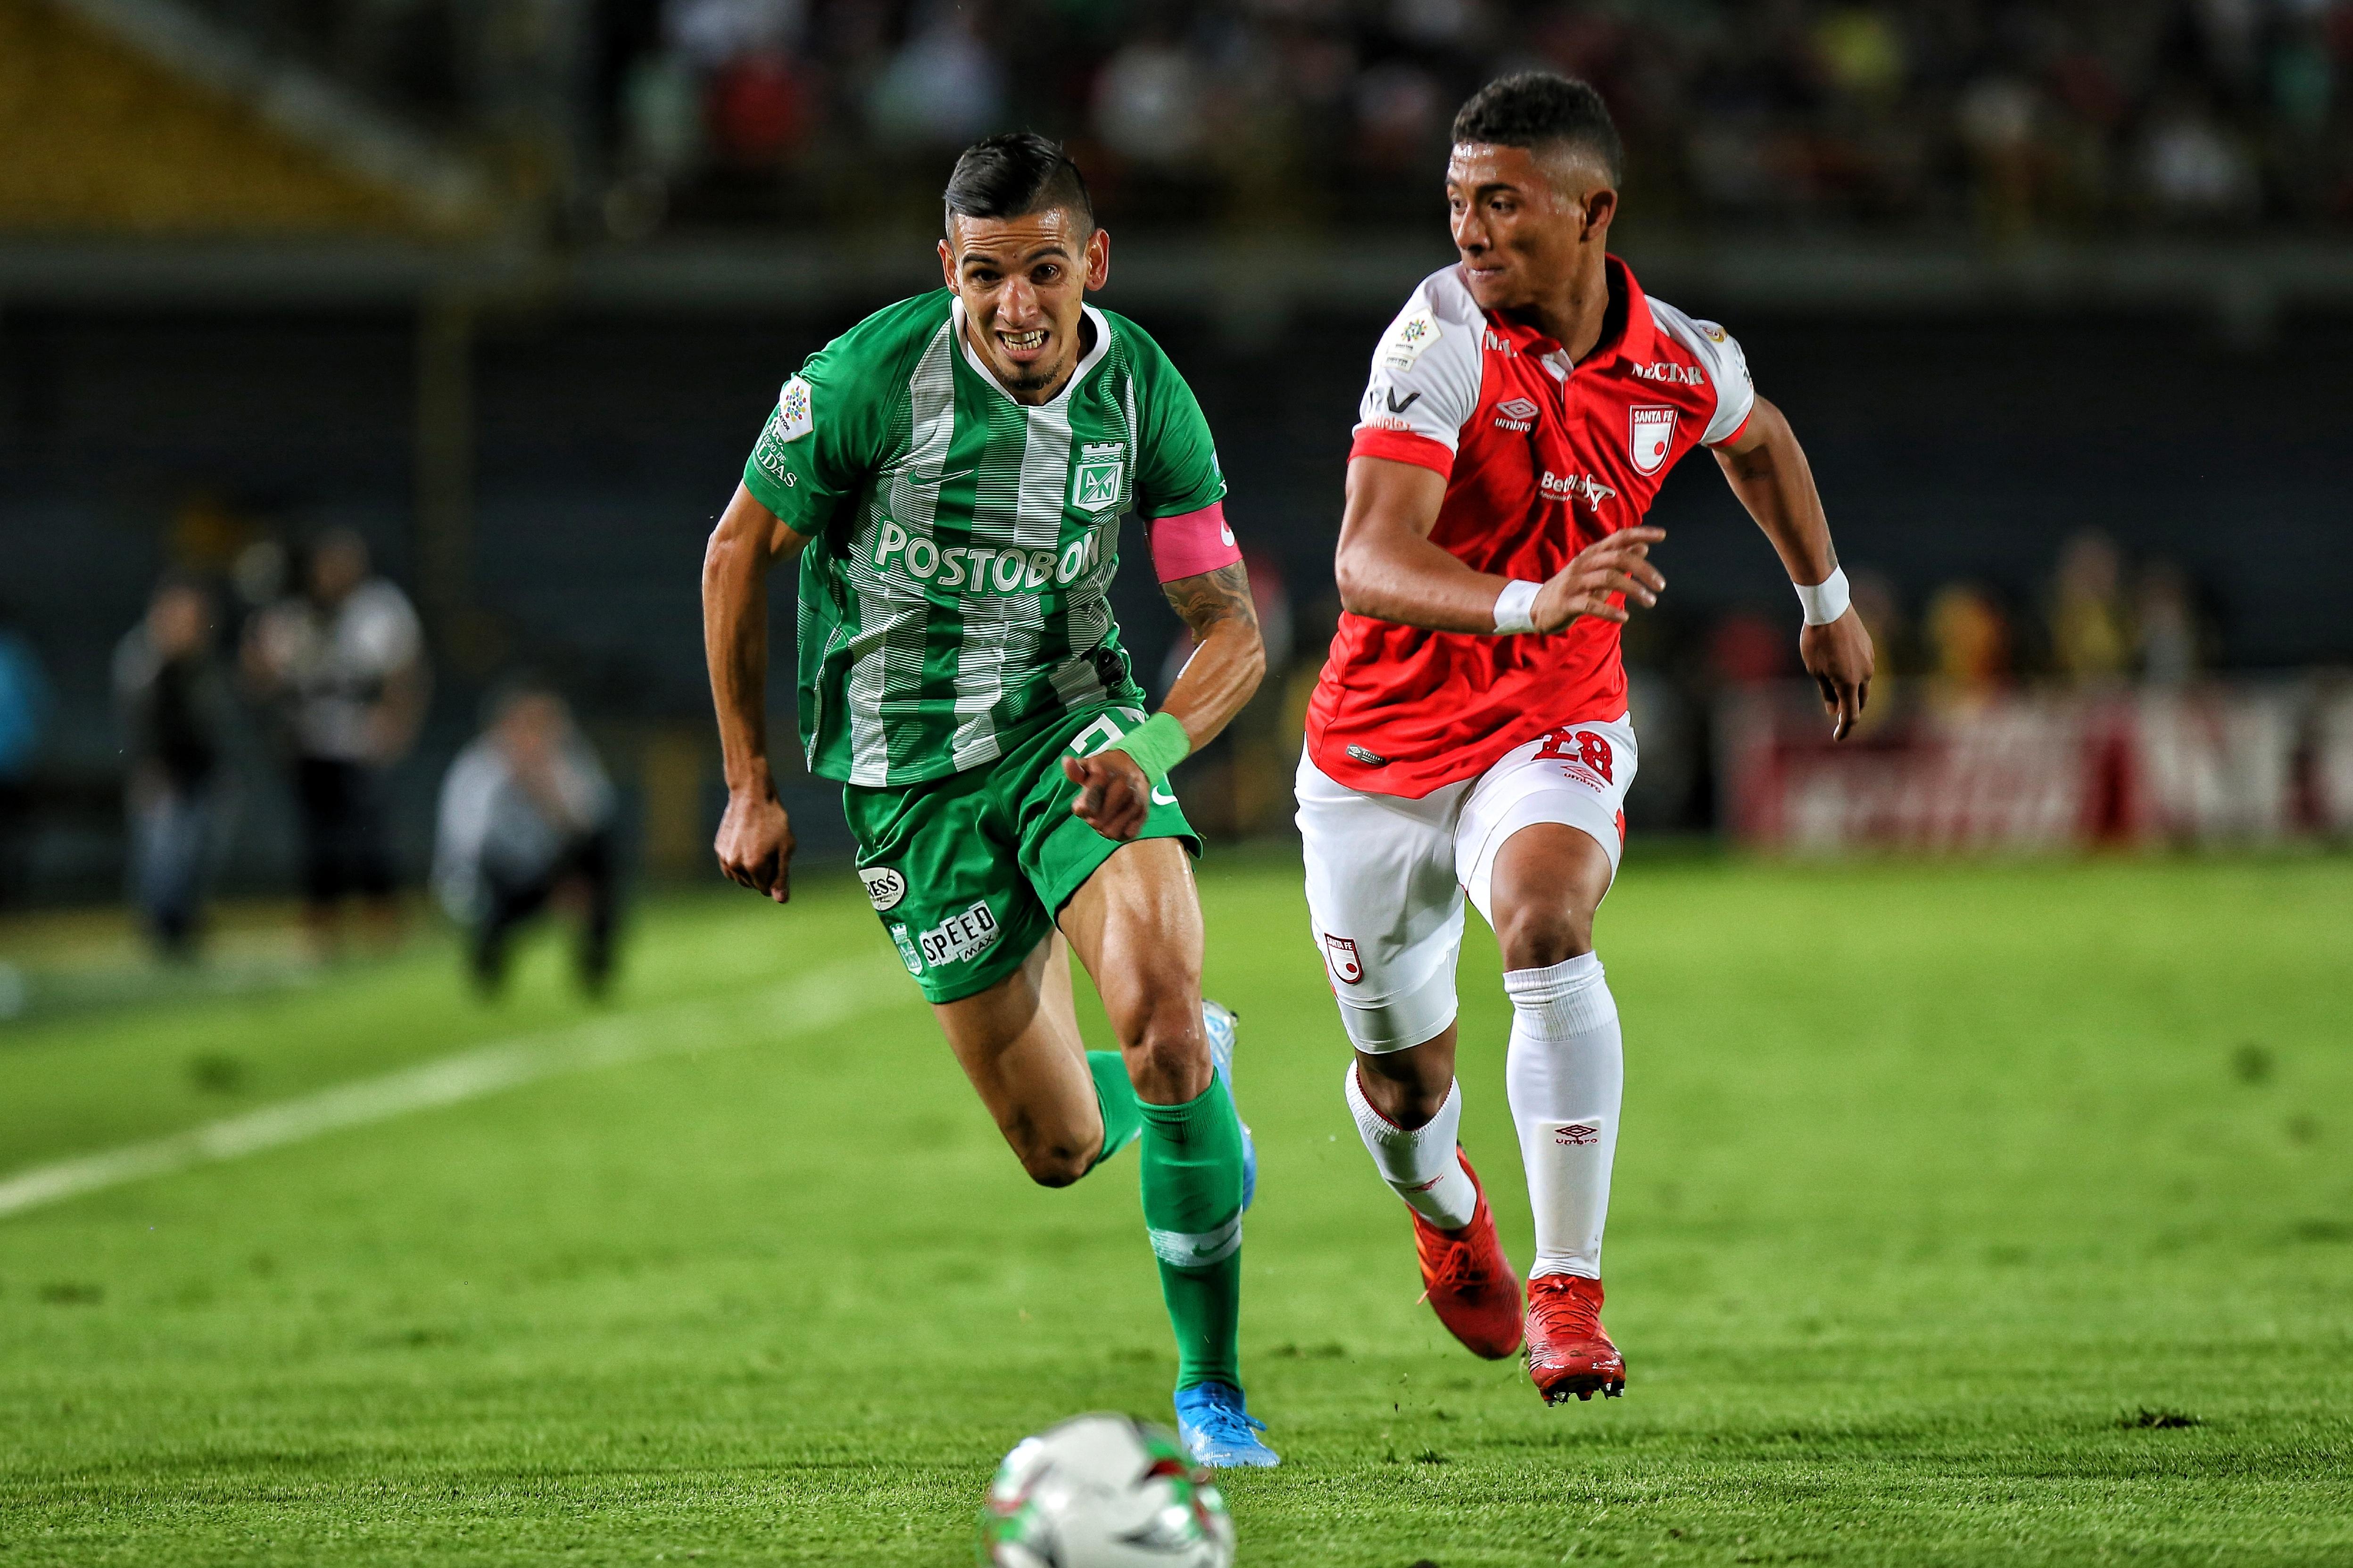 Daniel Muñoz con tiquete a Europa, Nacional llegó a un acuerdo con el club Genk